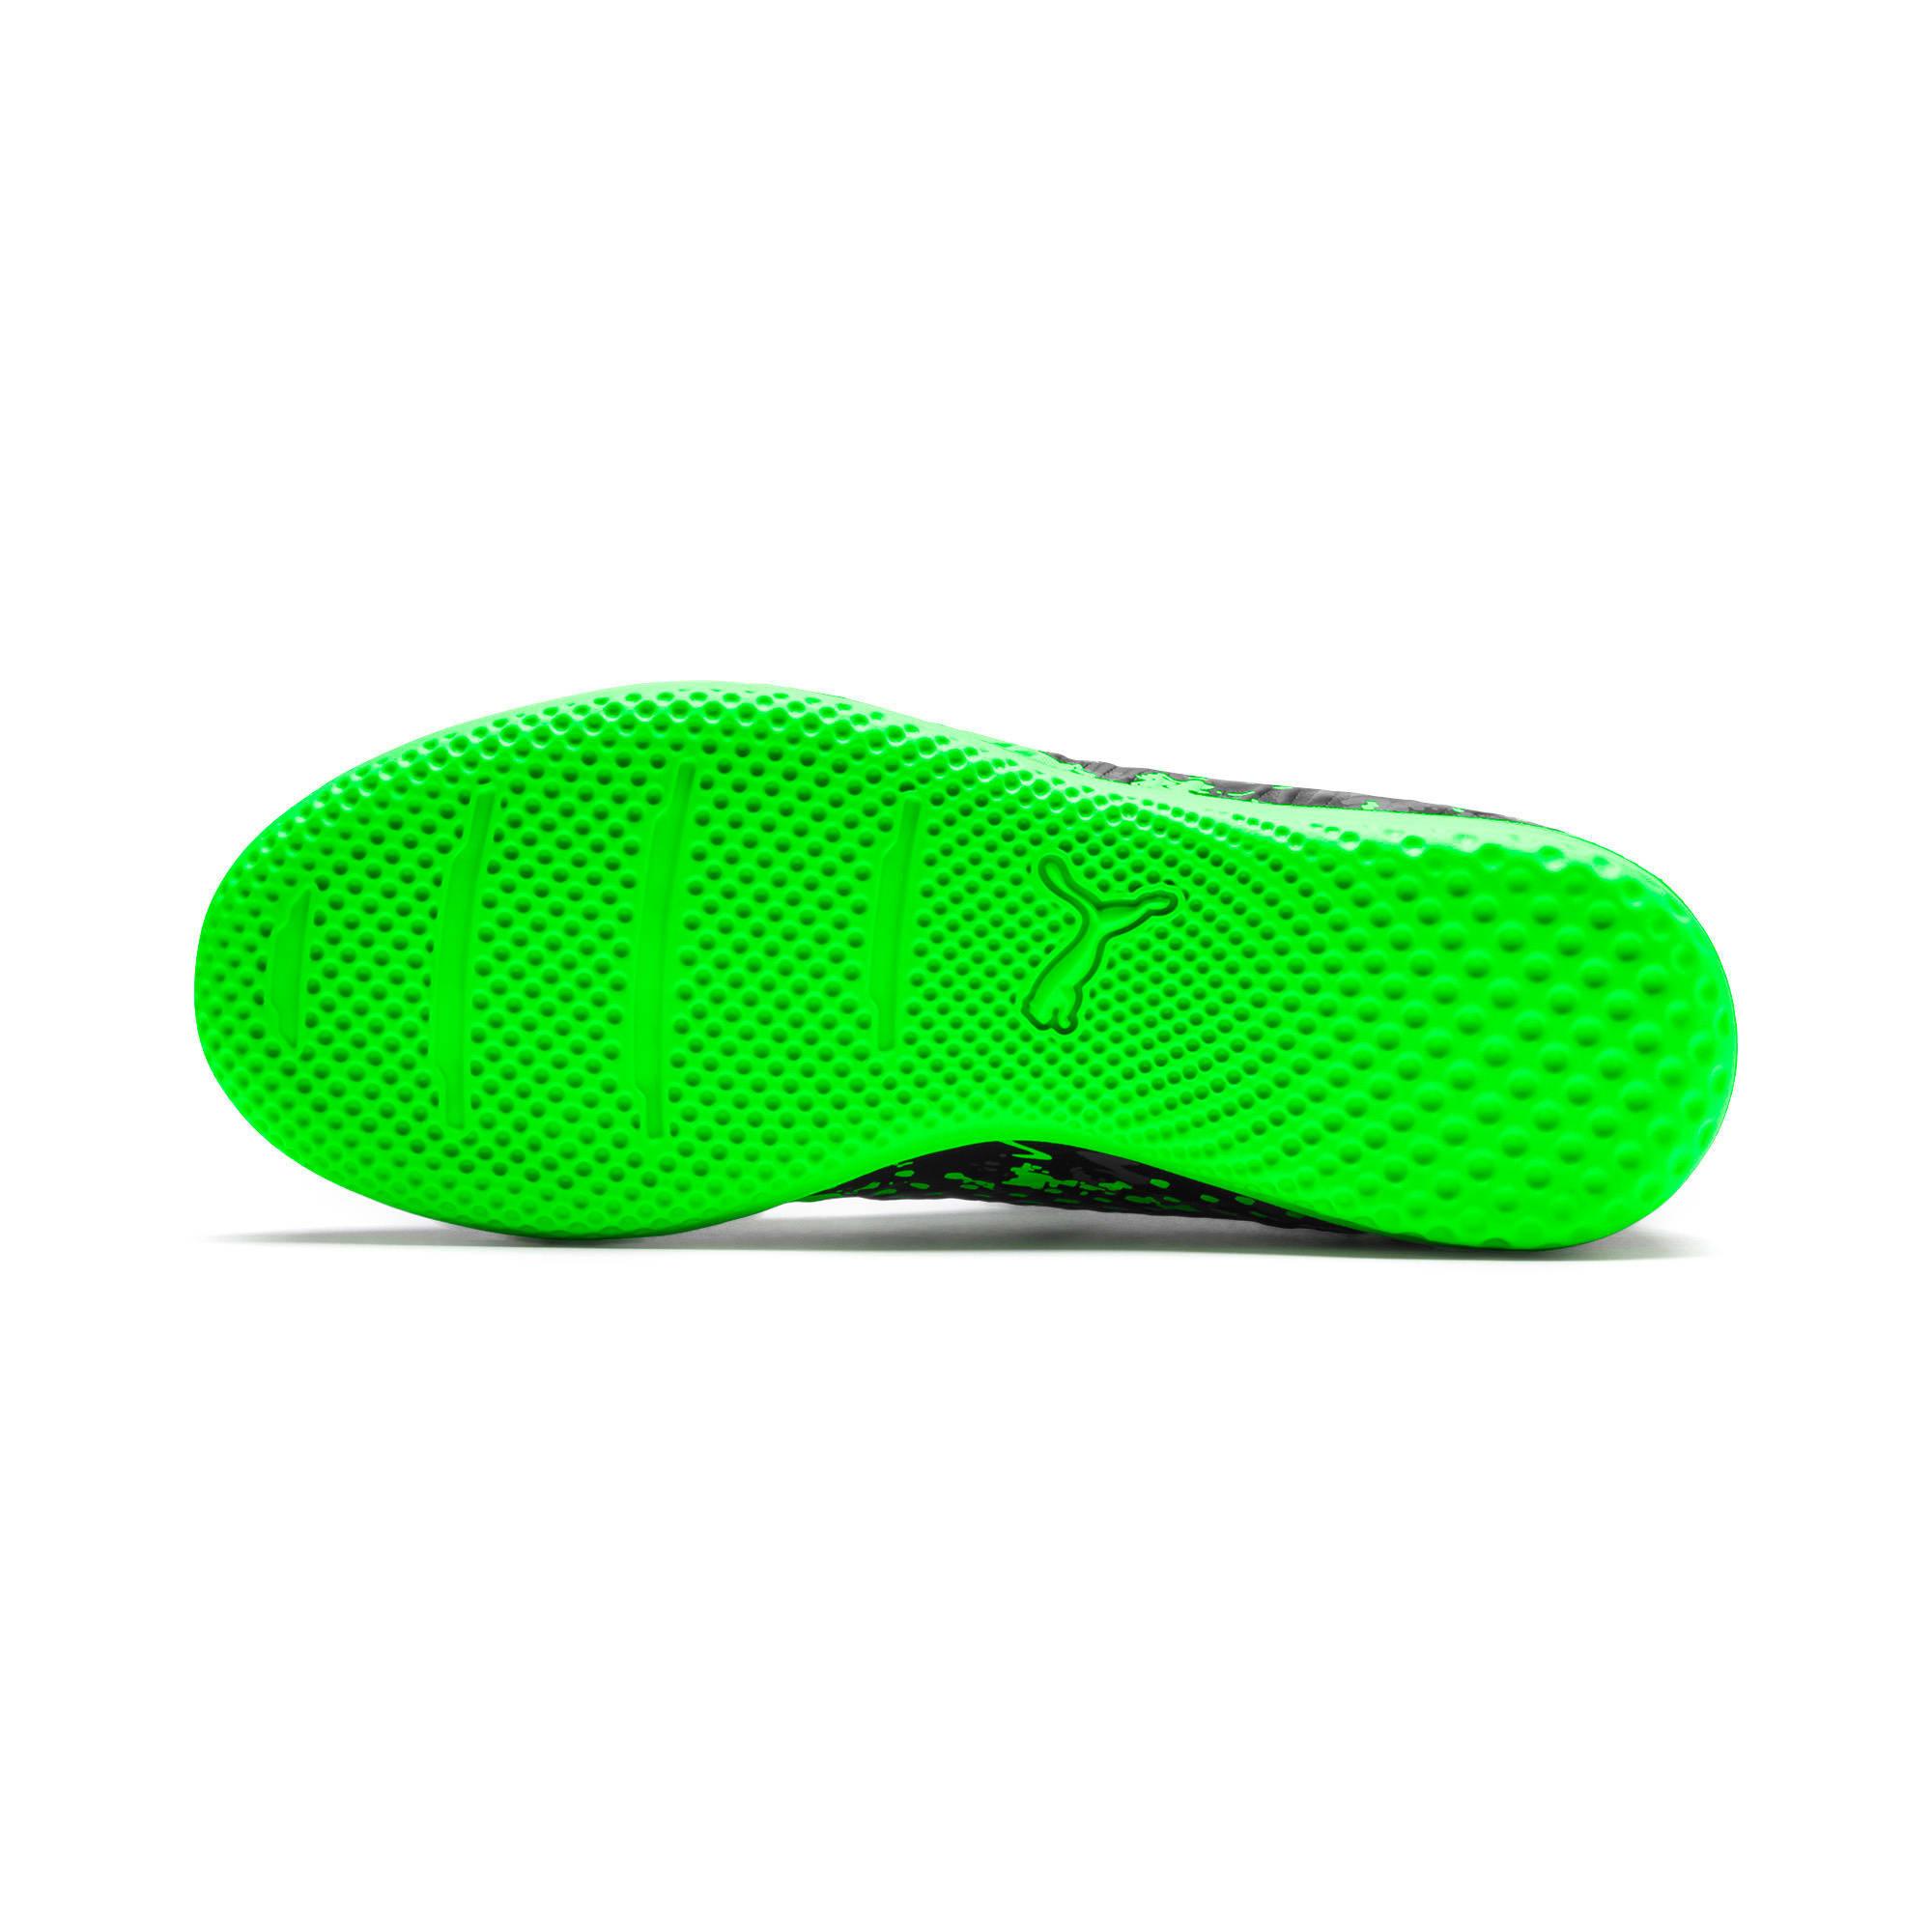 Miniatura 4 de Zapatos de fútbol FUTURE 19.4 IT para JR, Black-Gray-Green Gecko, mediano